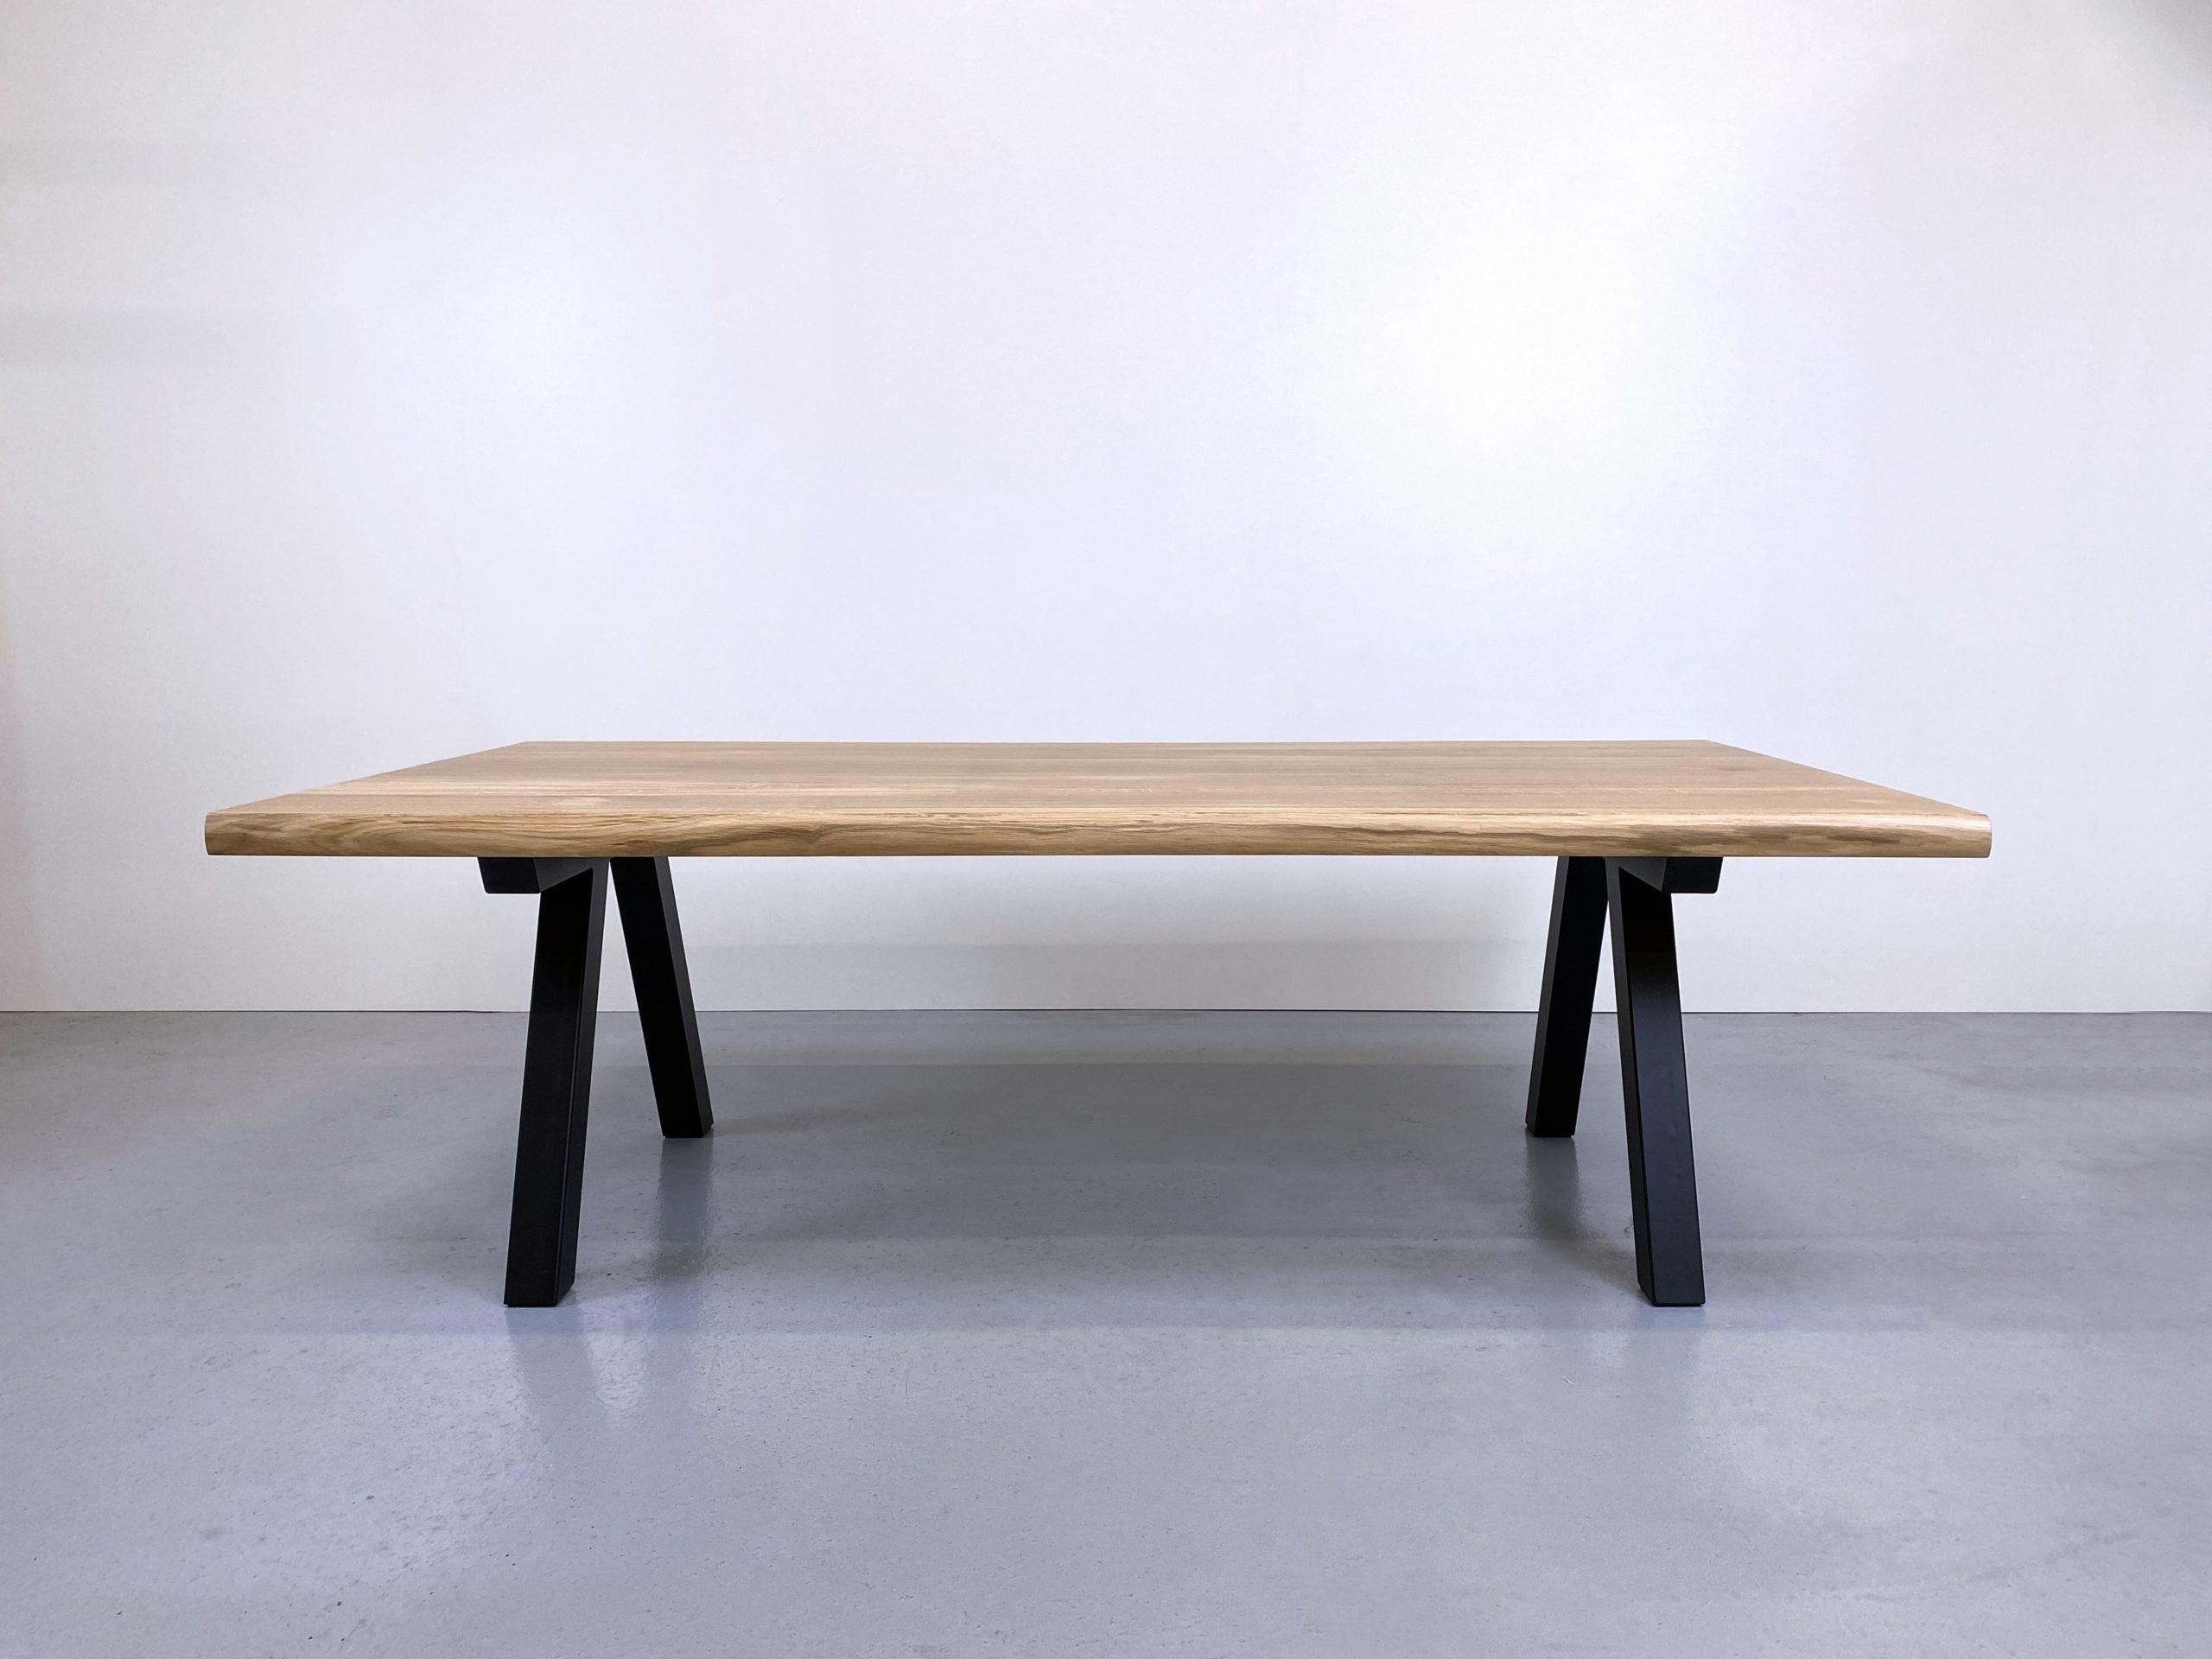 Table Pi en acier et bois massif / 240 x 120 x H 75 cm / chêne authentique et pied noir / ARTMETA